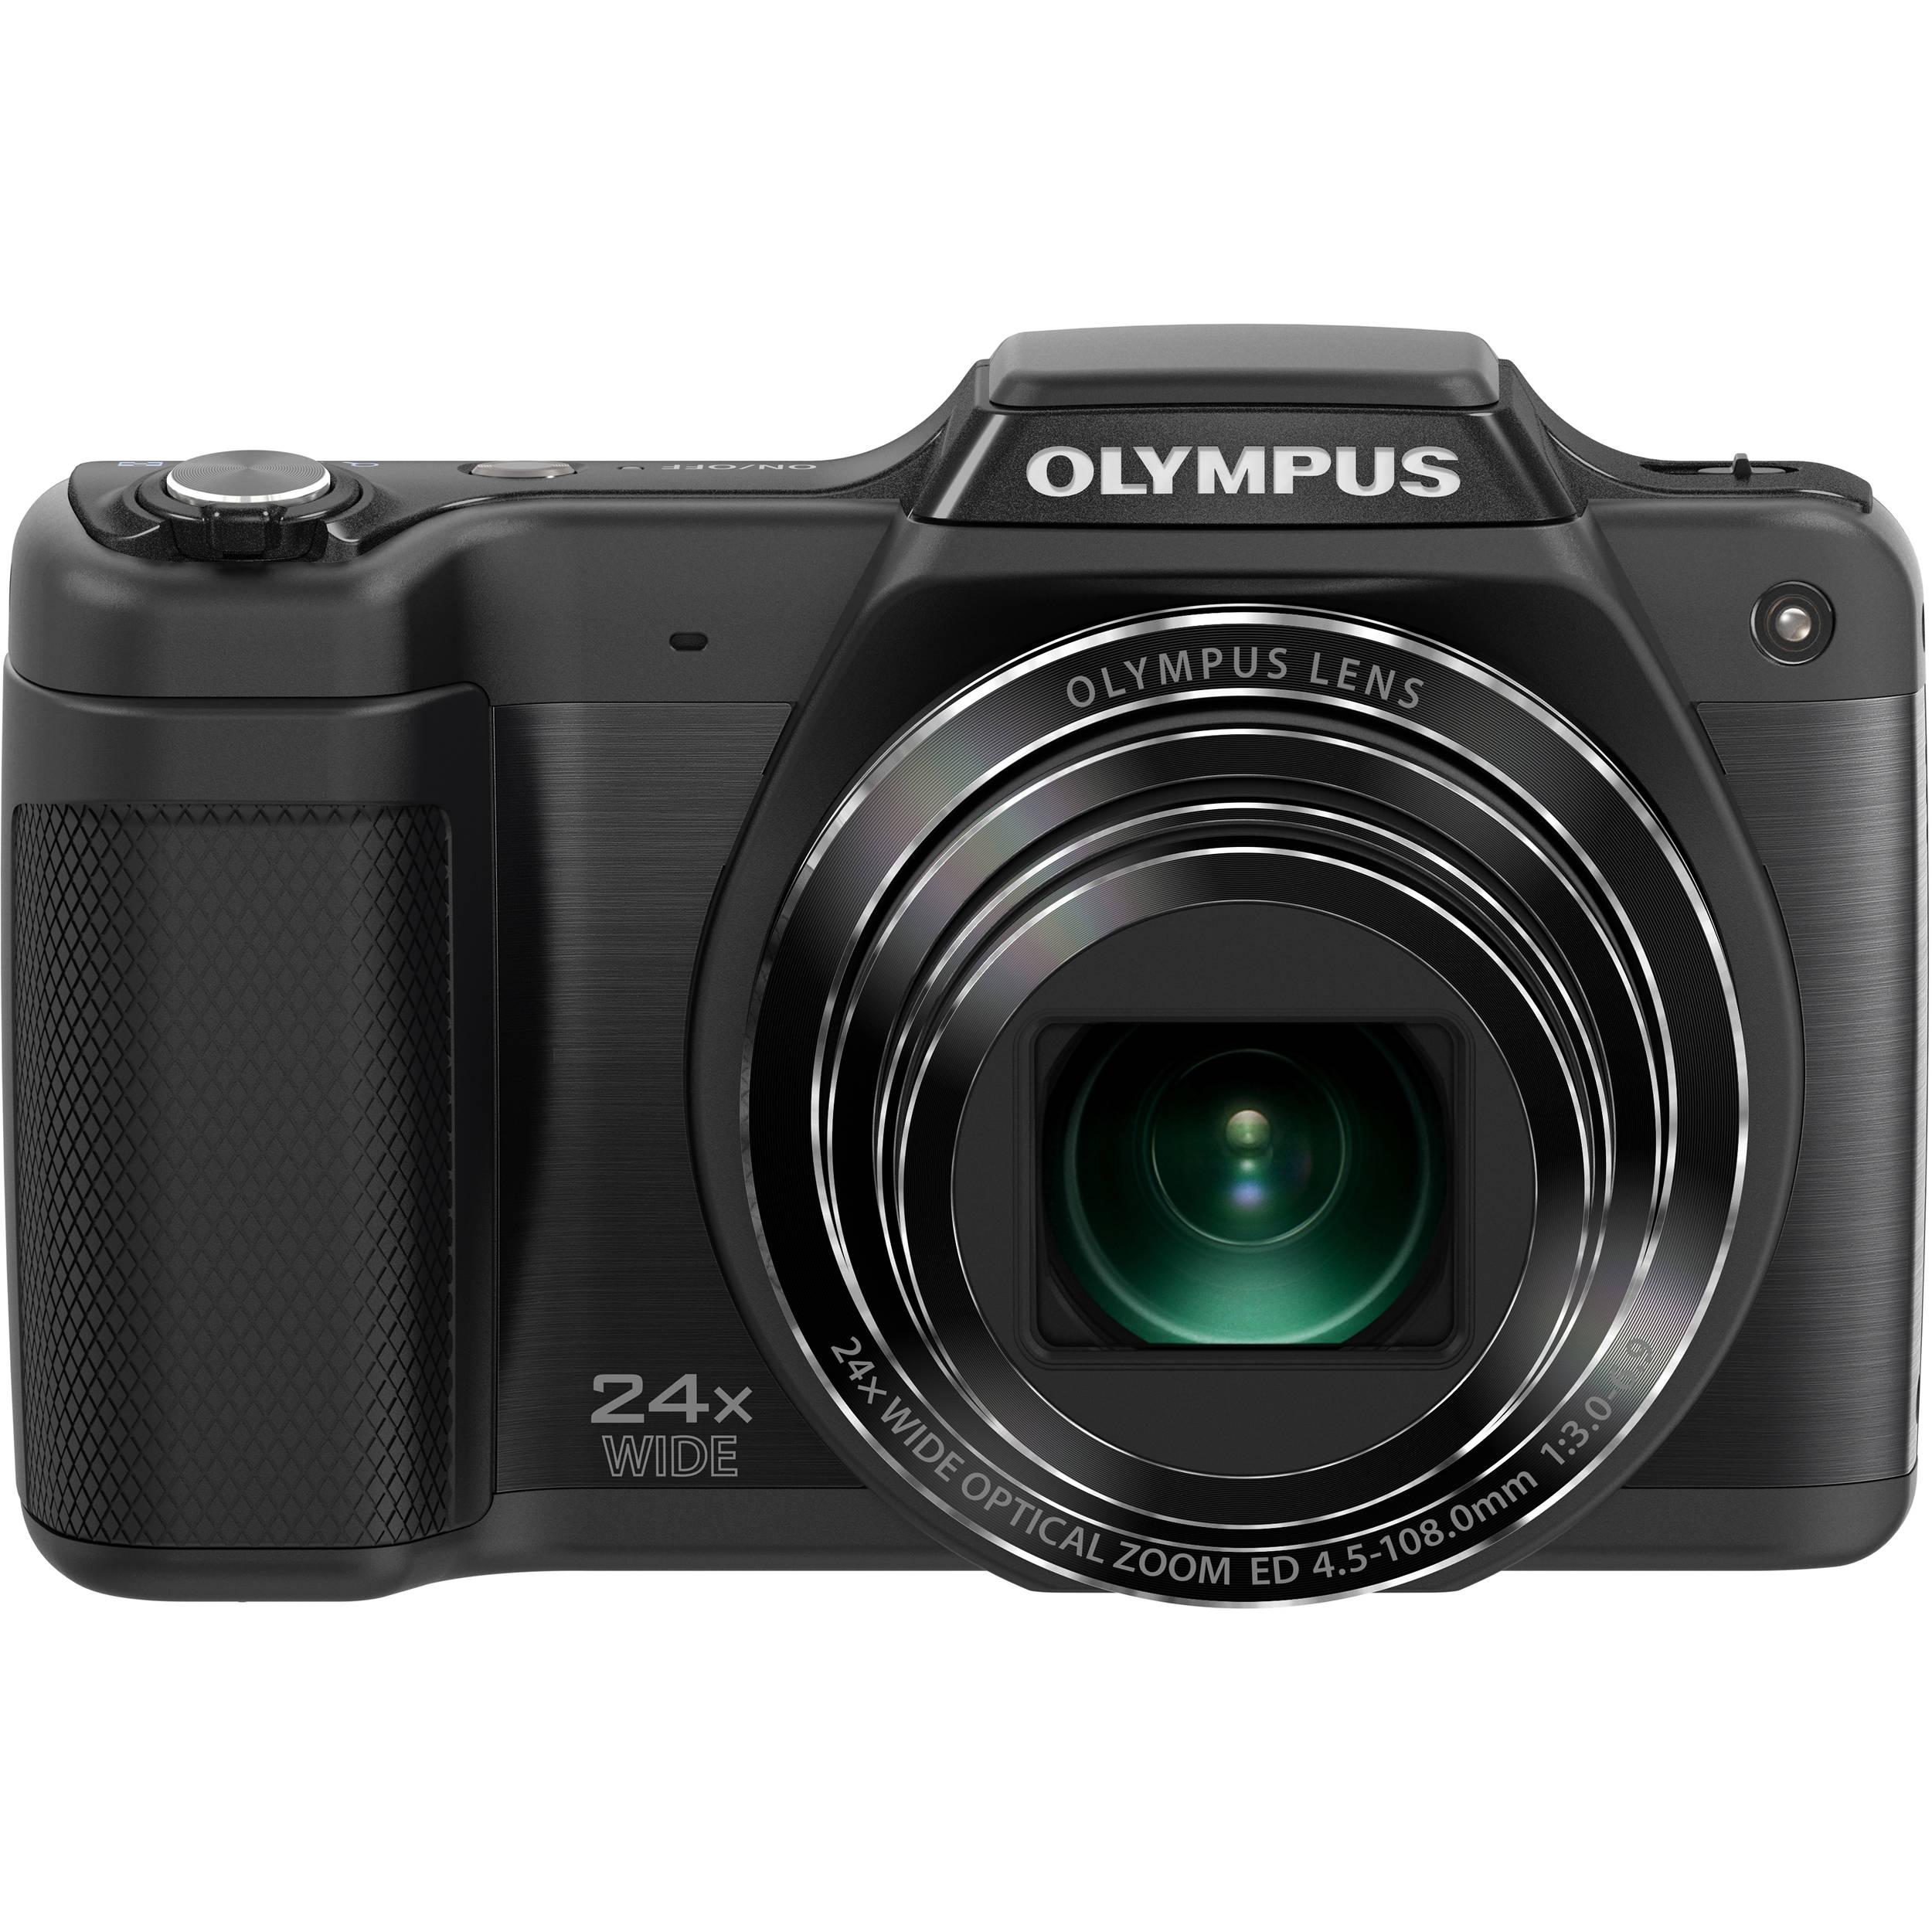 Olympus Digital Camera: Olympus SZ-15 Digital Camera (Black) V102110BU000 B&H Photo